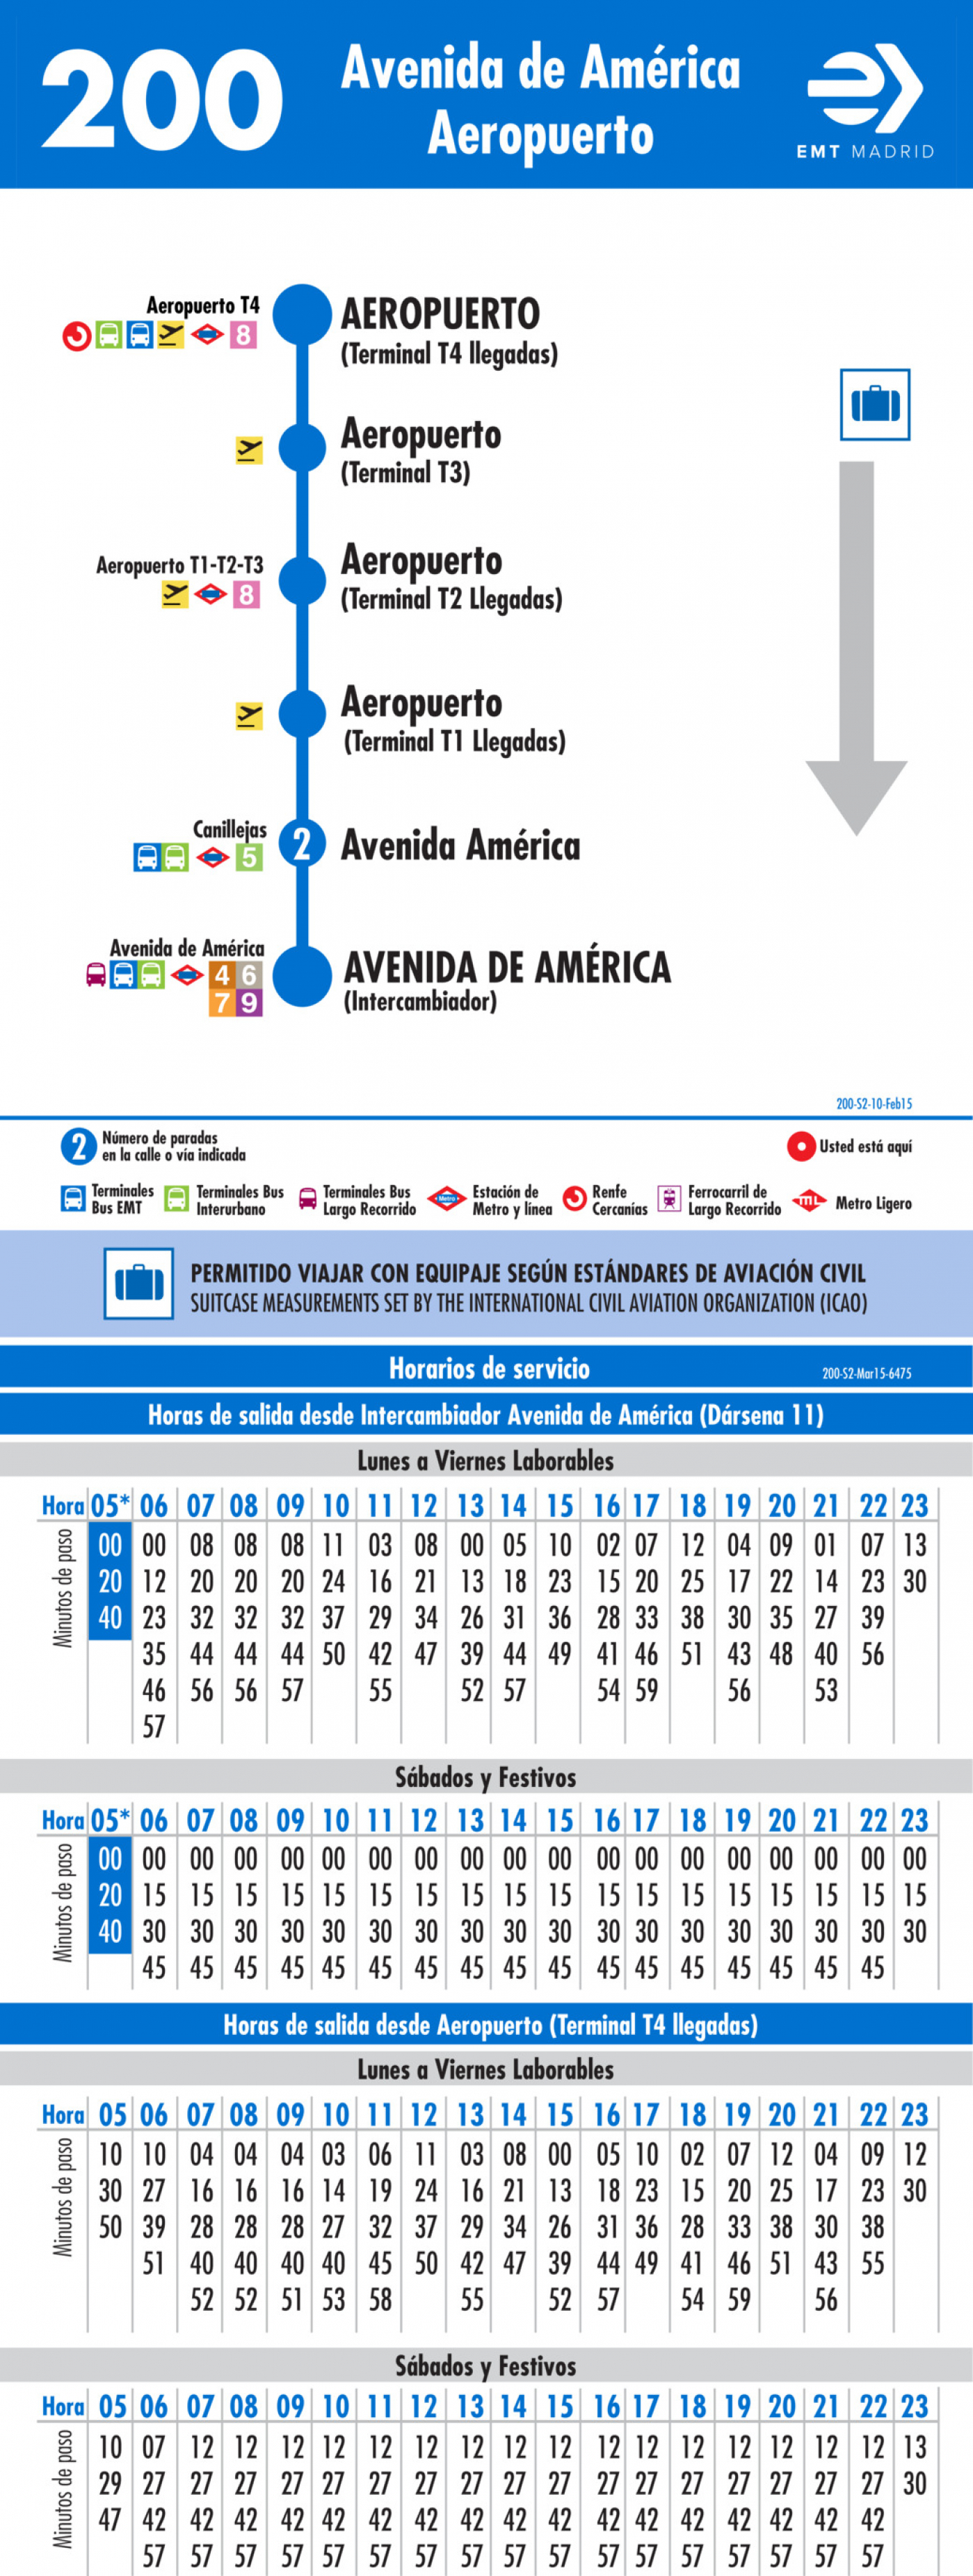 Tabla de horarios y frecuencias de paso en sentido vuelta Línea 200: Avenida de América - Aeropuerto